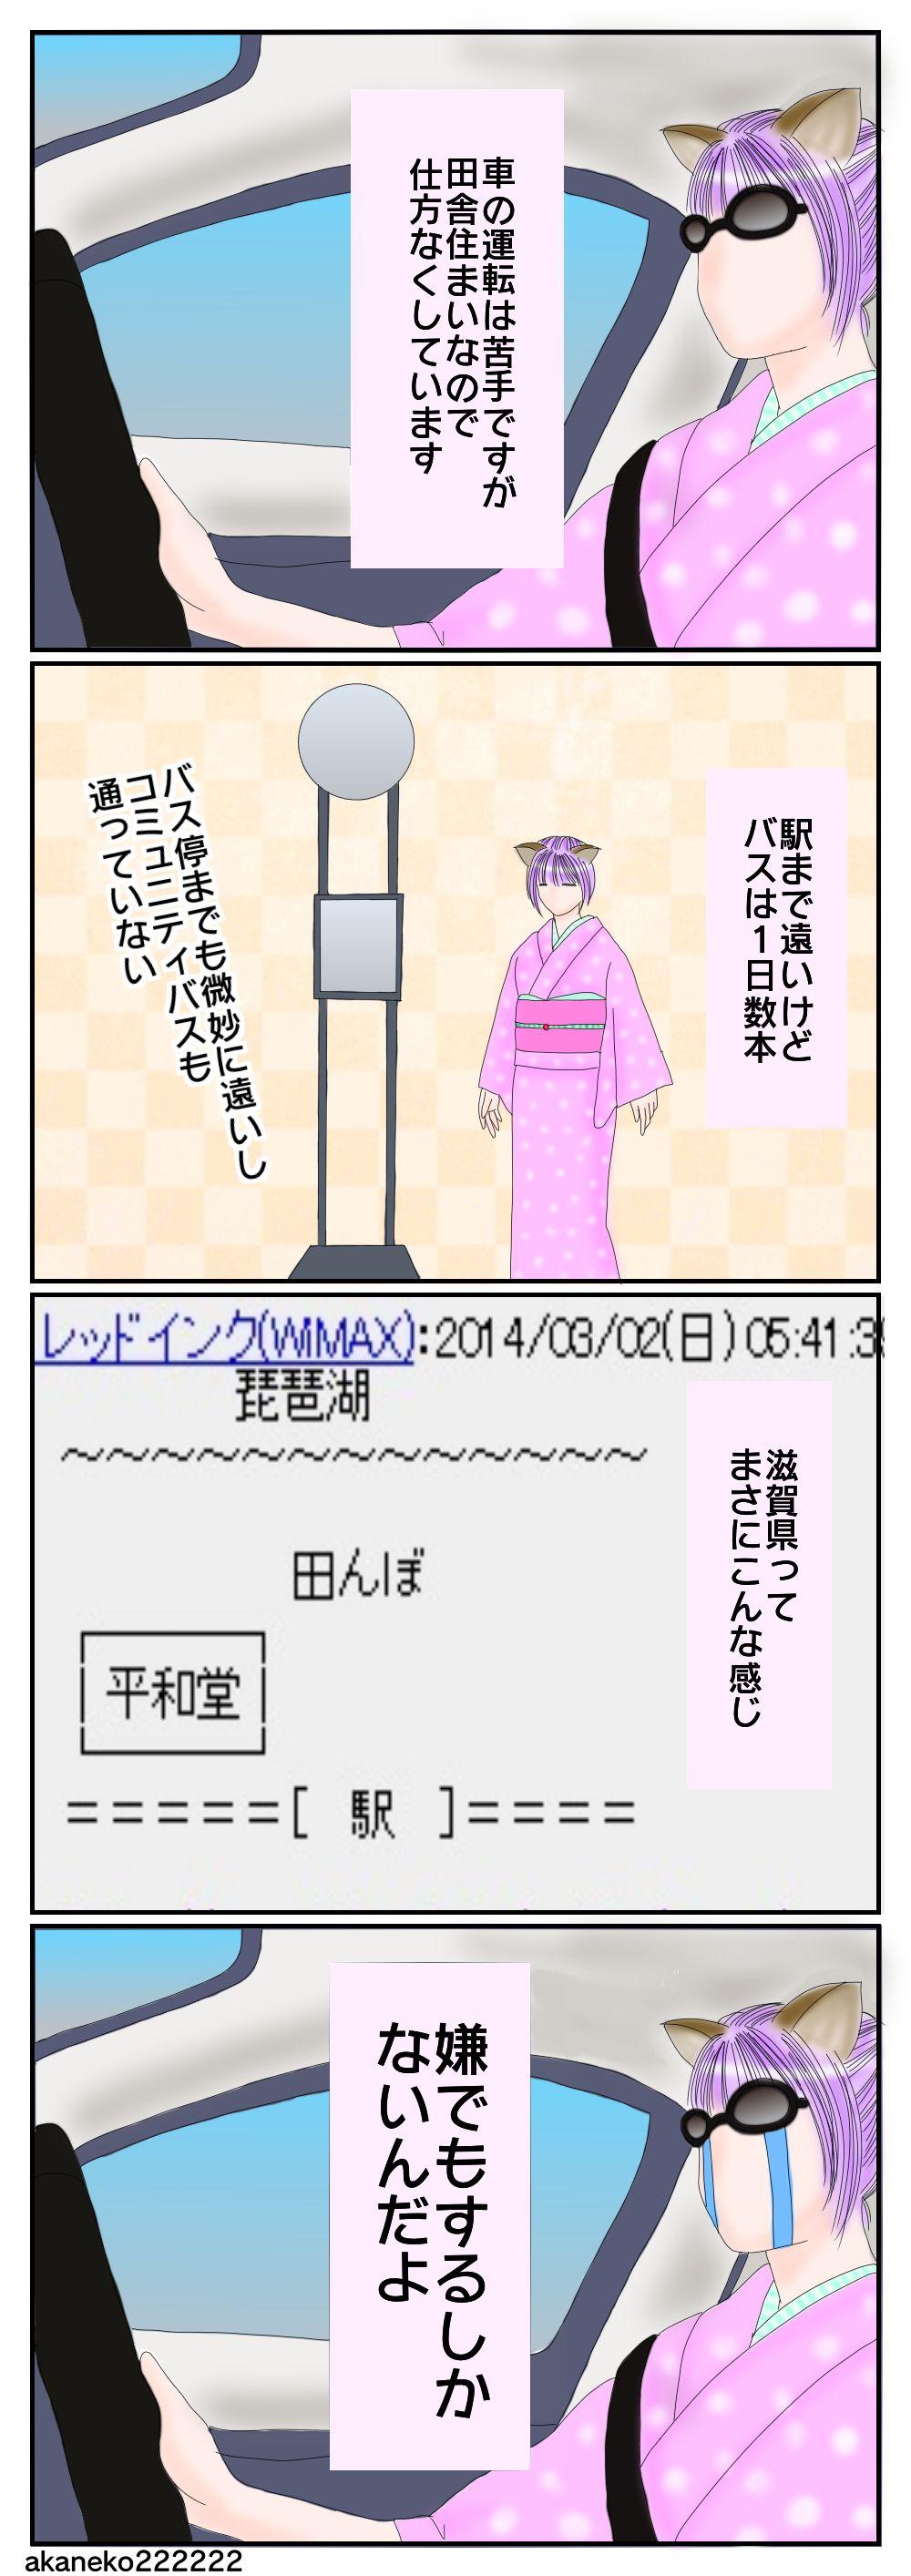 車を運転する滋賀県民の女性